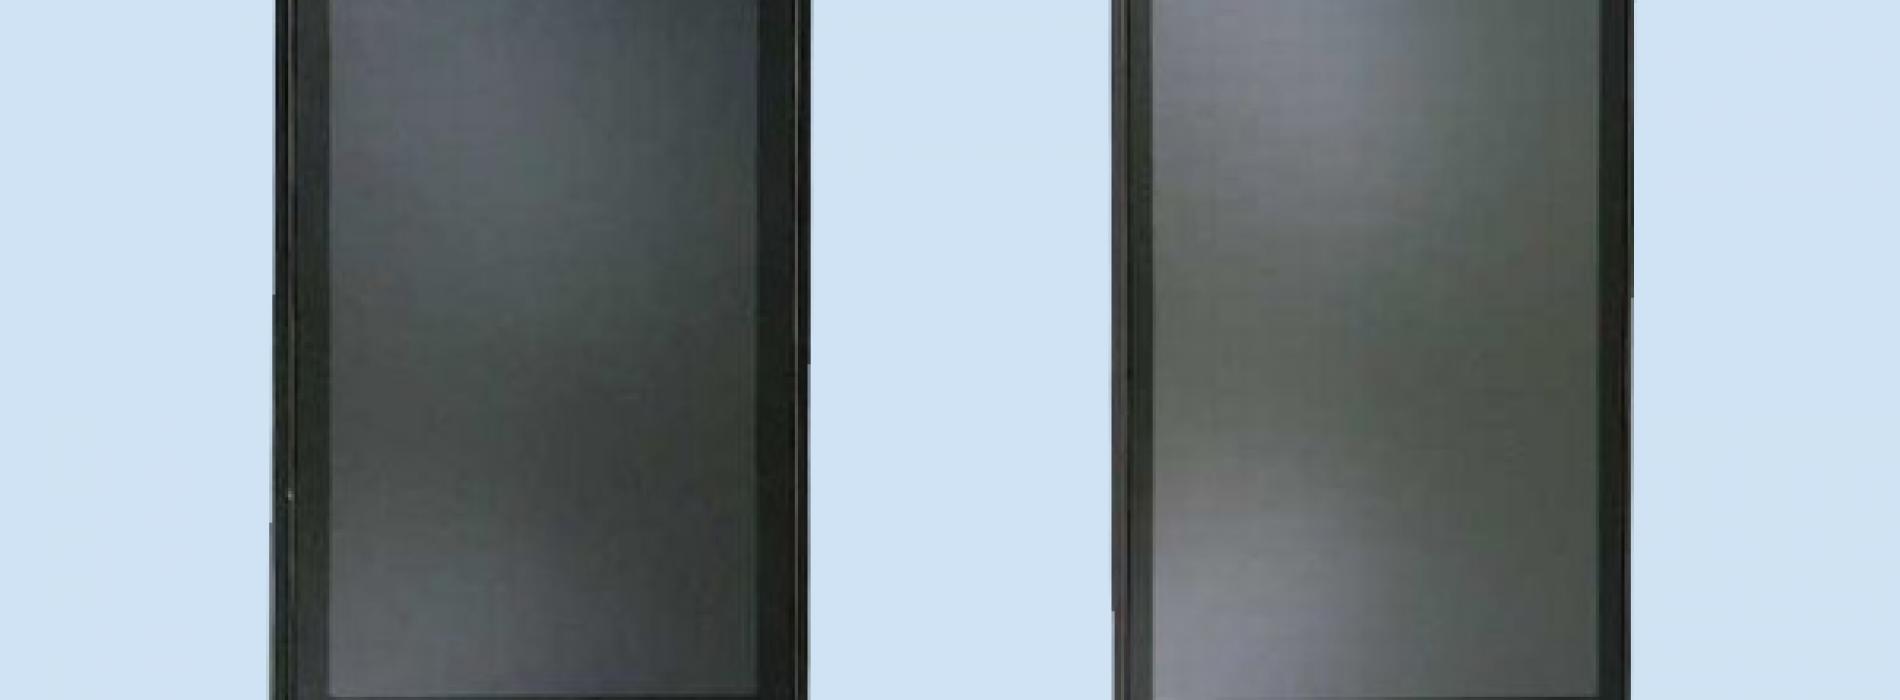 Pair of unannounced mid-range Motorola handsets emerge in leaks